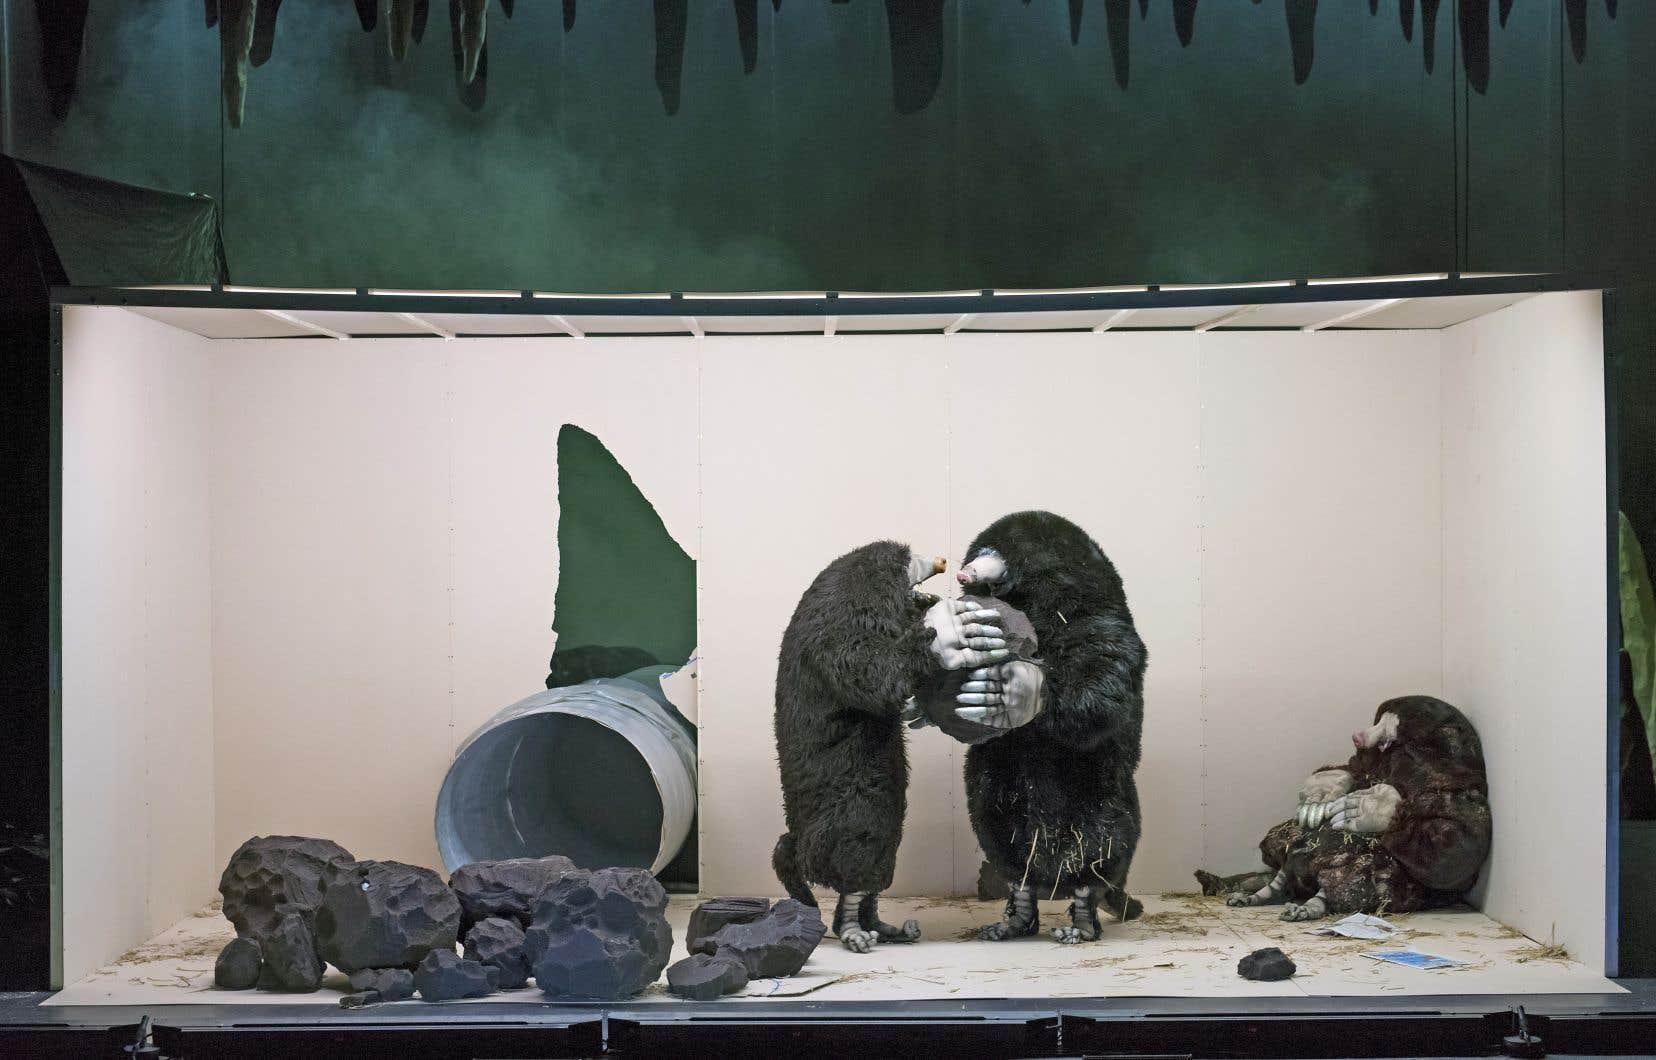 On sent qu'il y a davantage au travail de Philippe Quesne que la rigolade suscitée par ces taupes rigolotes et maladroites.